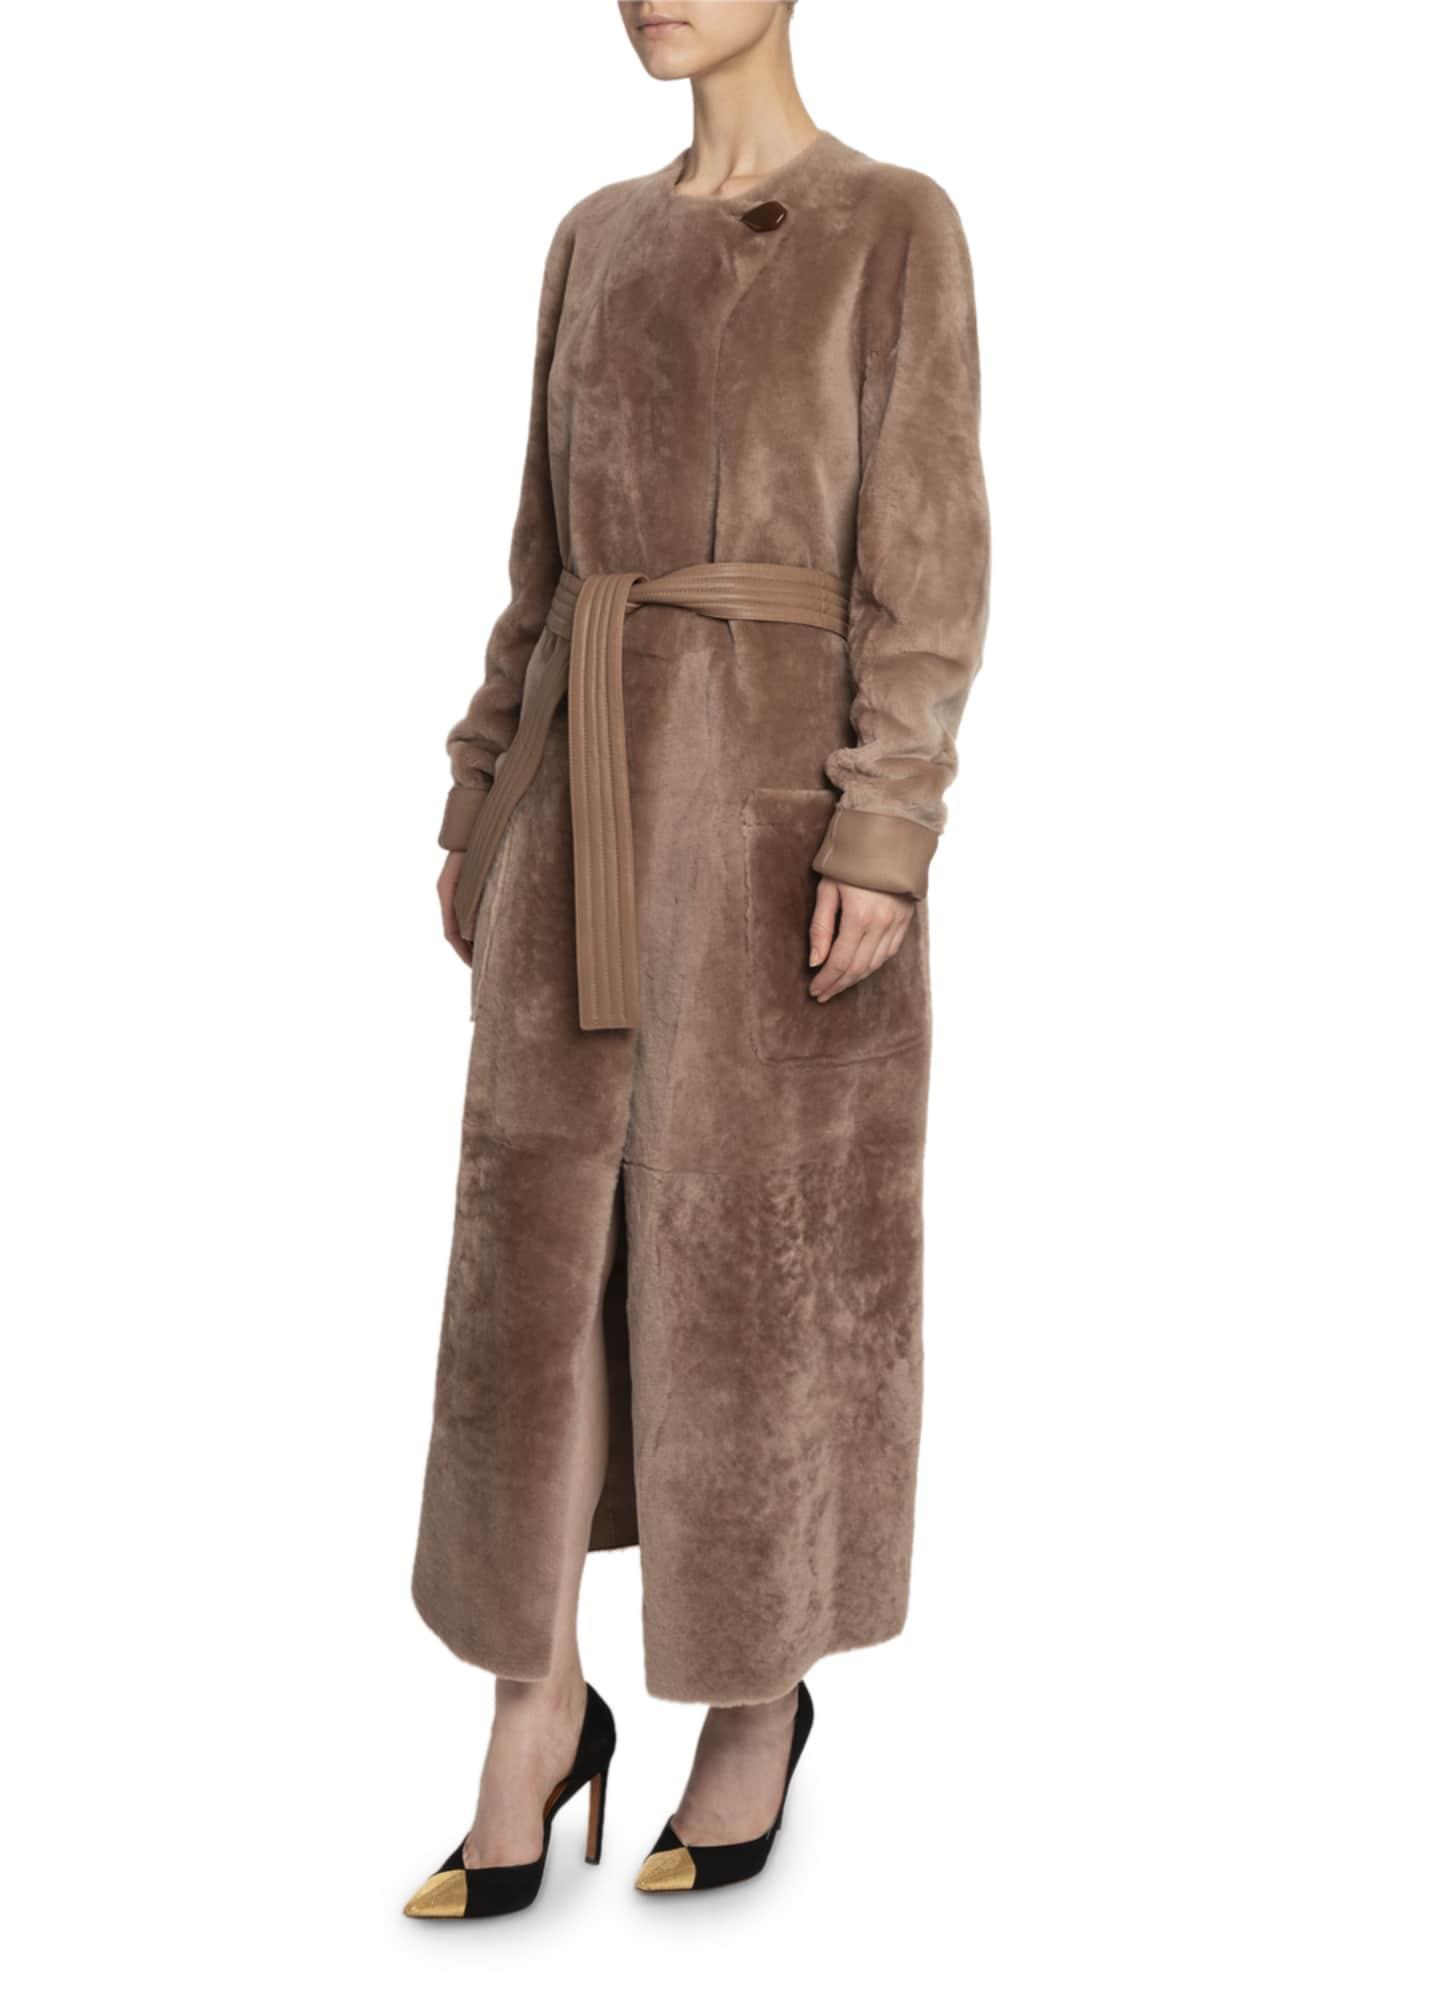 Altuzarra Lamb Fur Tie-Waist Coat